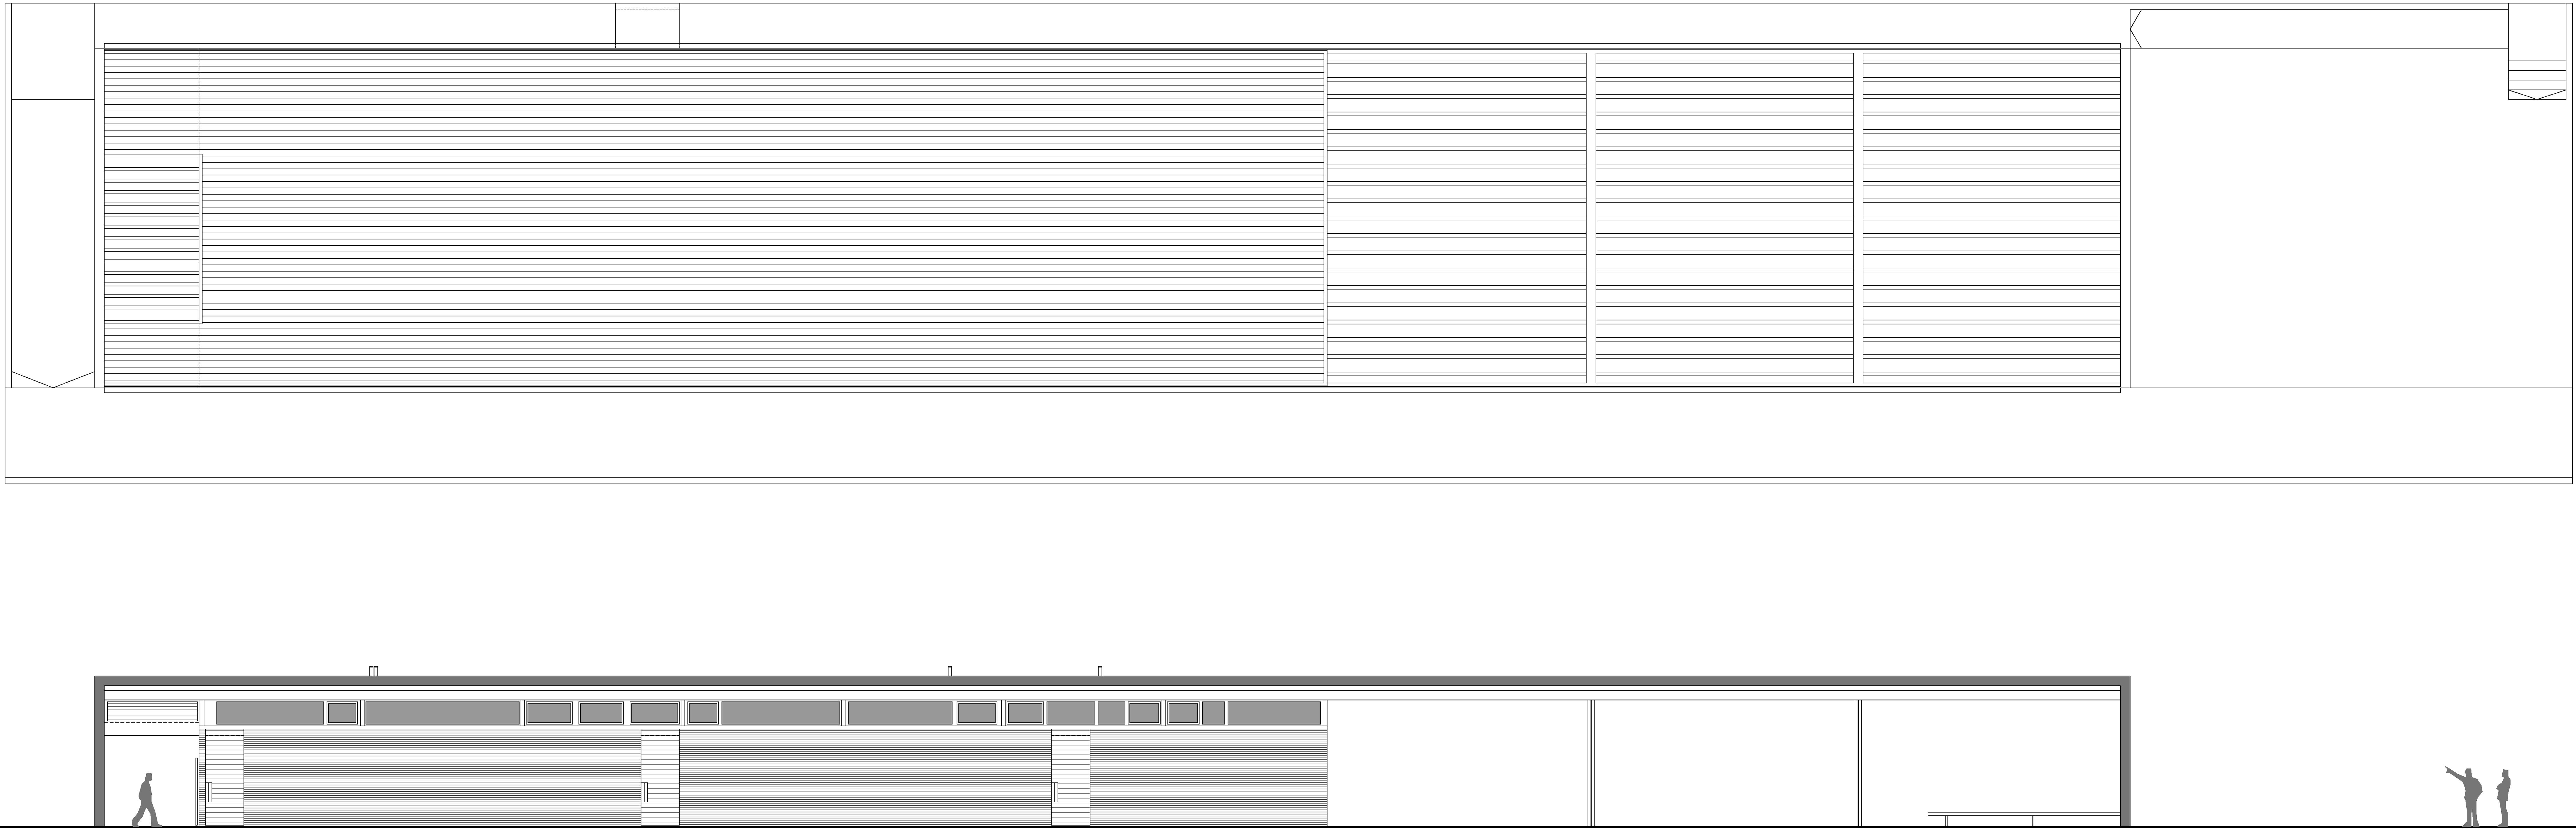 Edificio de servicio del Puerto de Dénia. Arquitectura Alicante. Proyectos de Arquitectura. Arquitectos Alicante. Casas en Alicante.